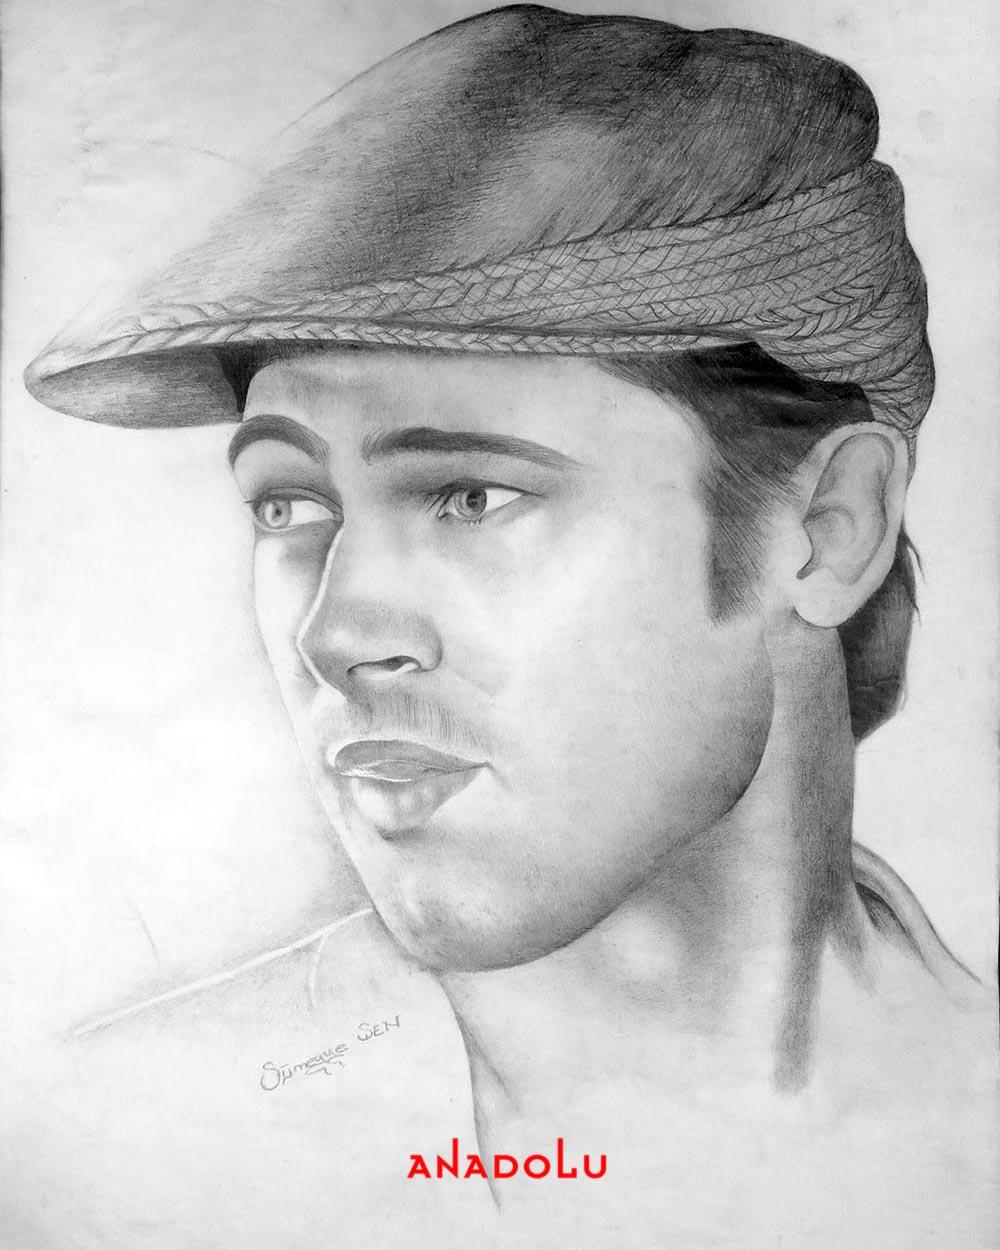 Brad Pitt Karakalem Çizimleri Antalyada